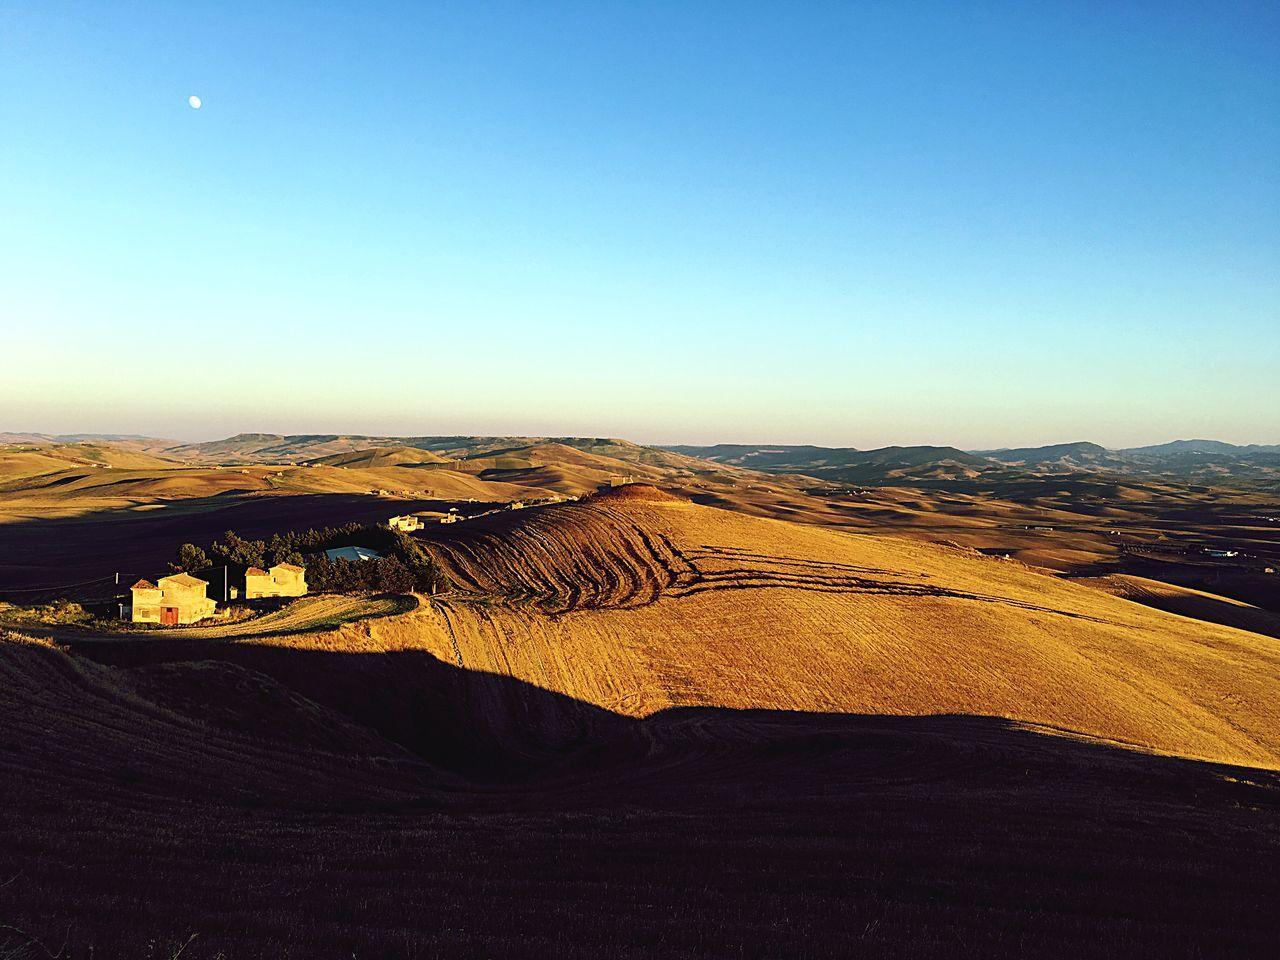 Italy Southitaly Basilicata Scenics Sunset Moon Countryside Landscape